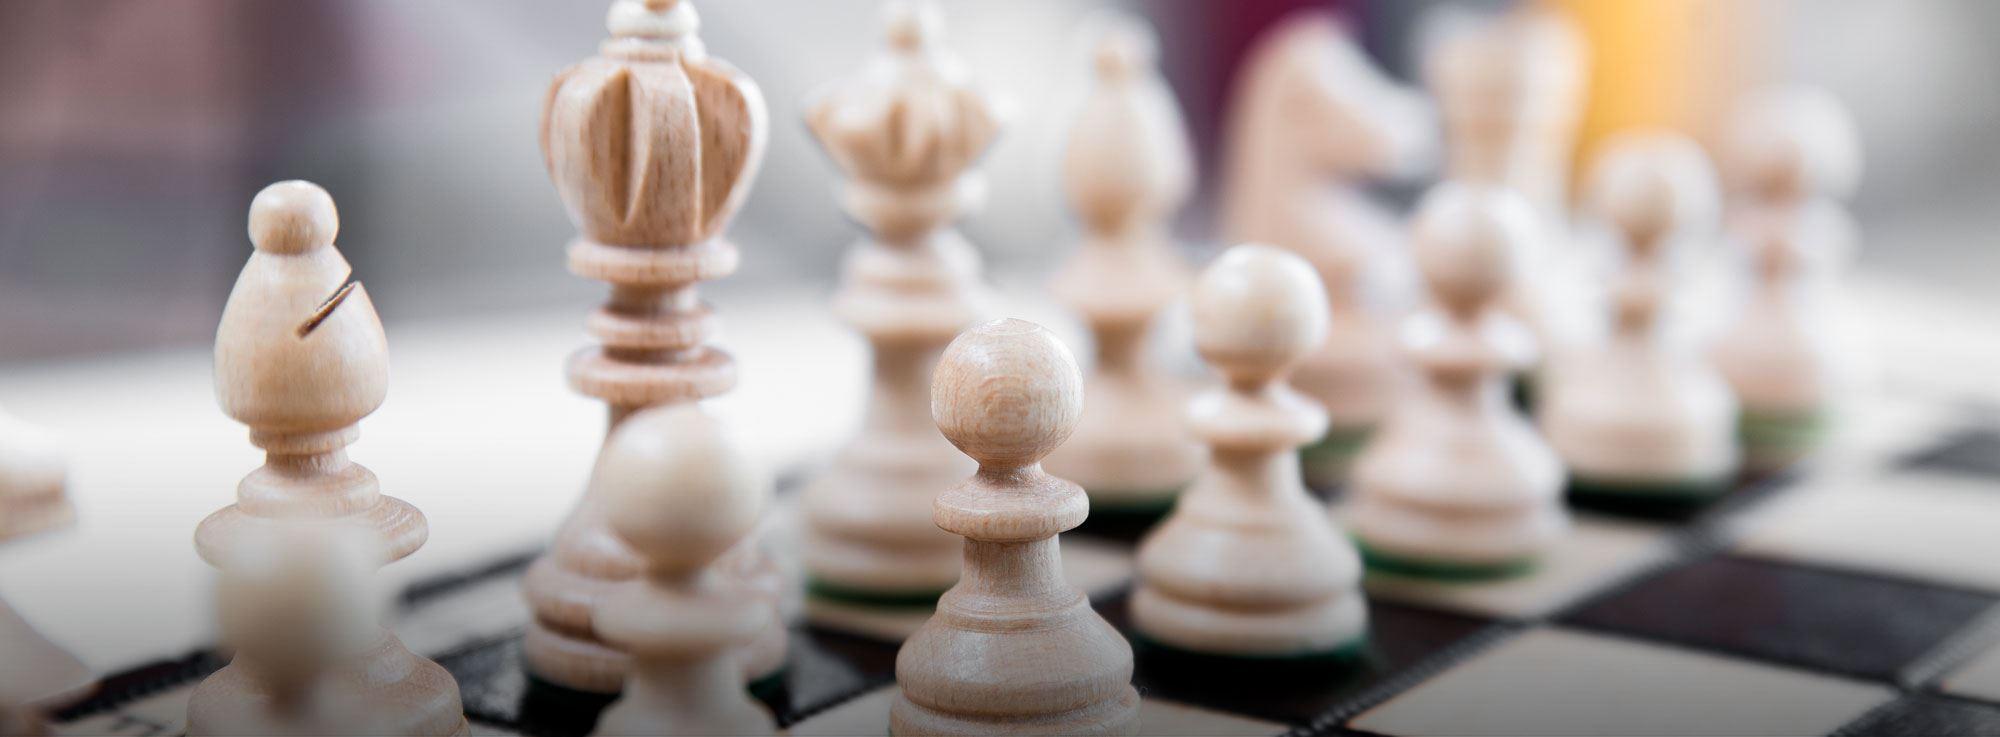 Cerignola: Una Domenica a scacchi